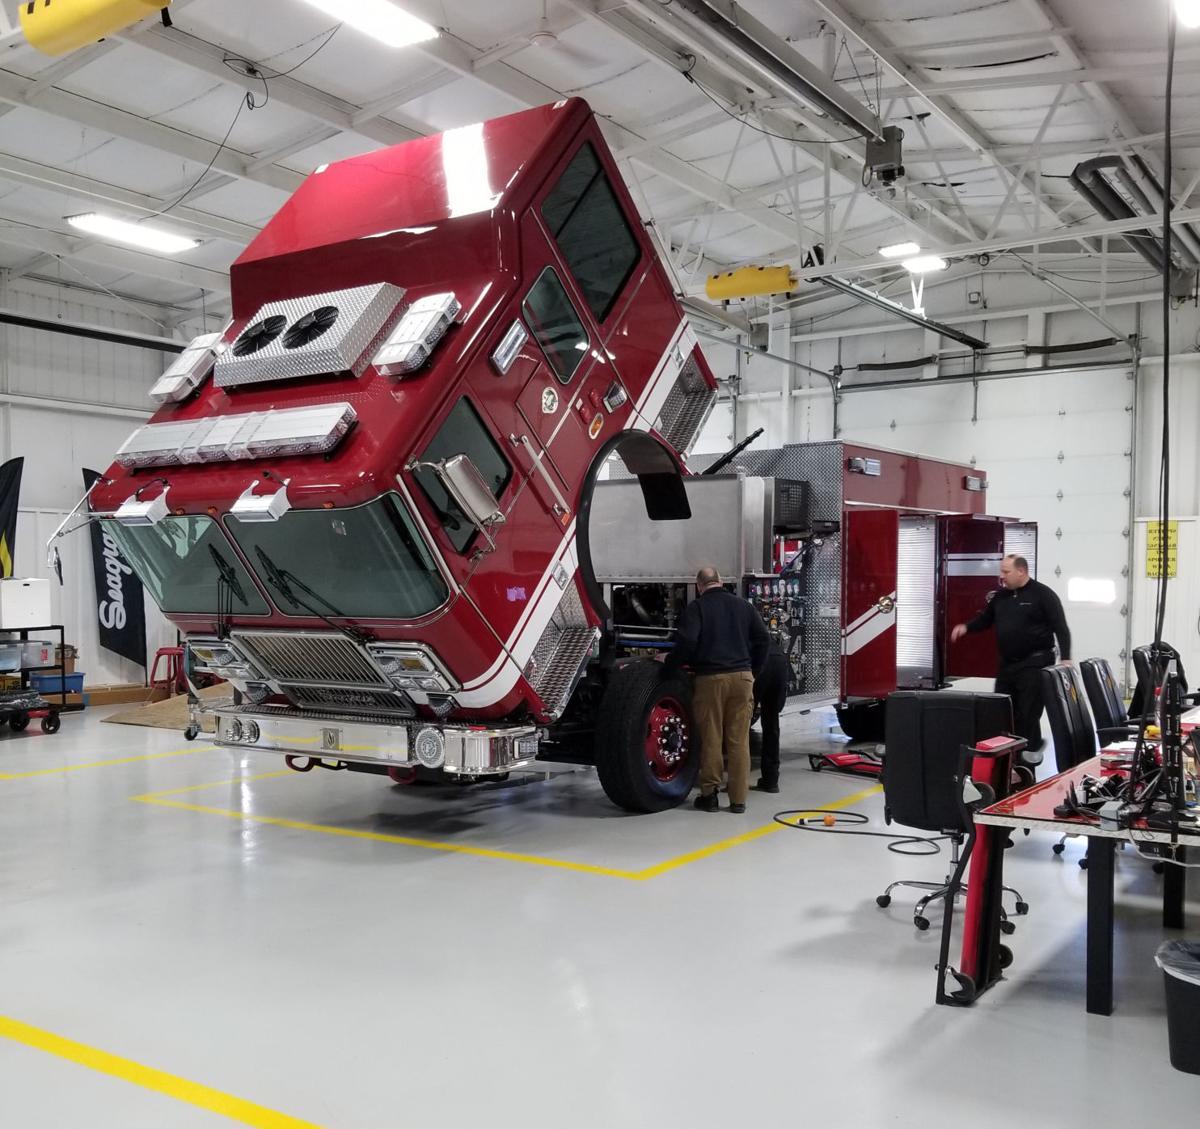 1 GHTFD new fire truck 2020 inspection.jpg